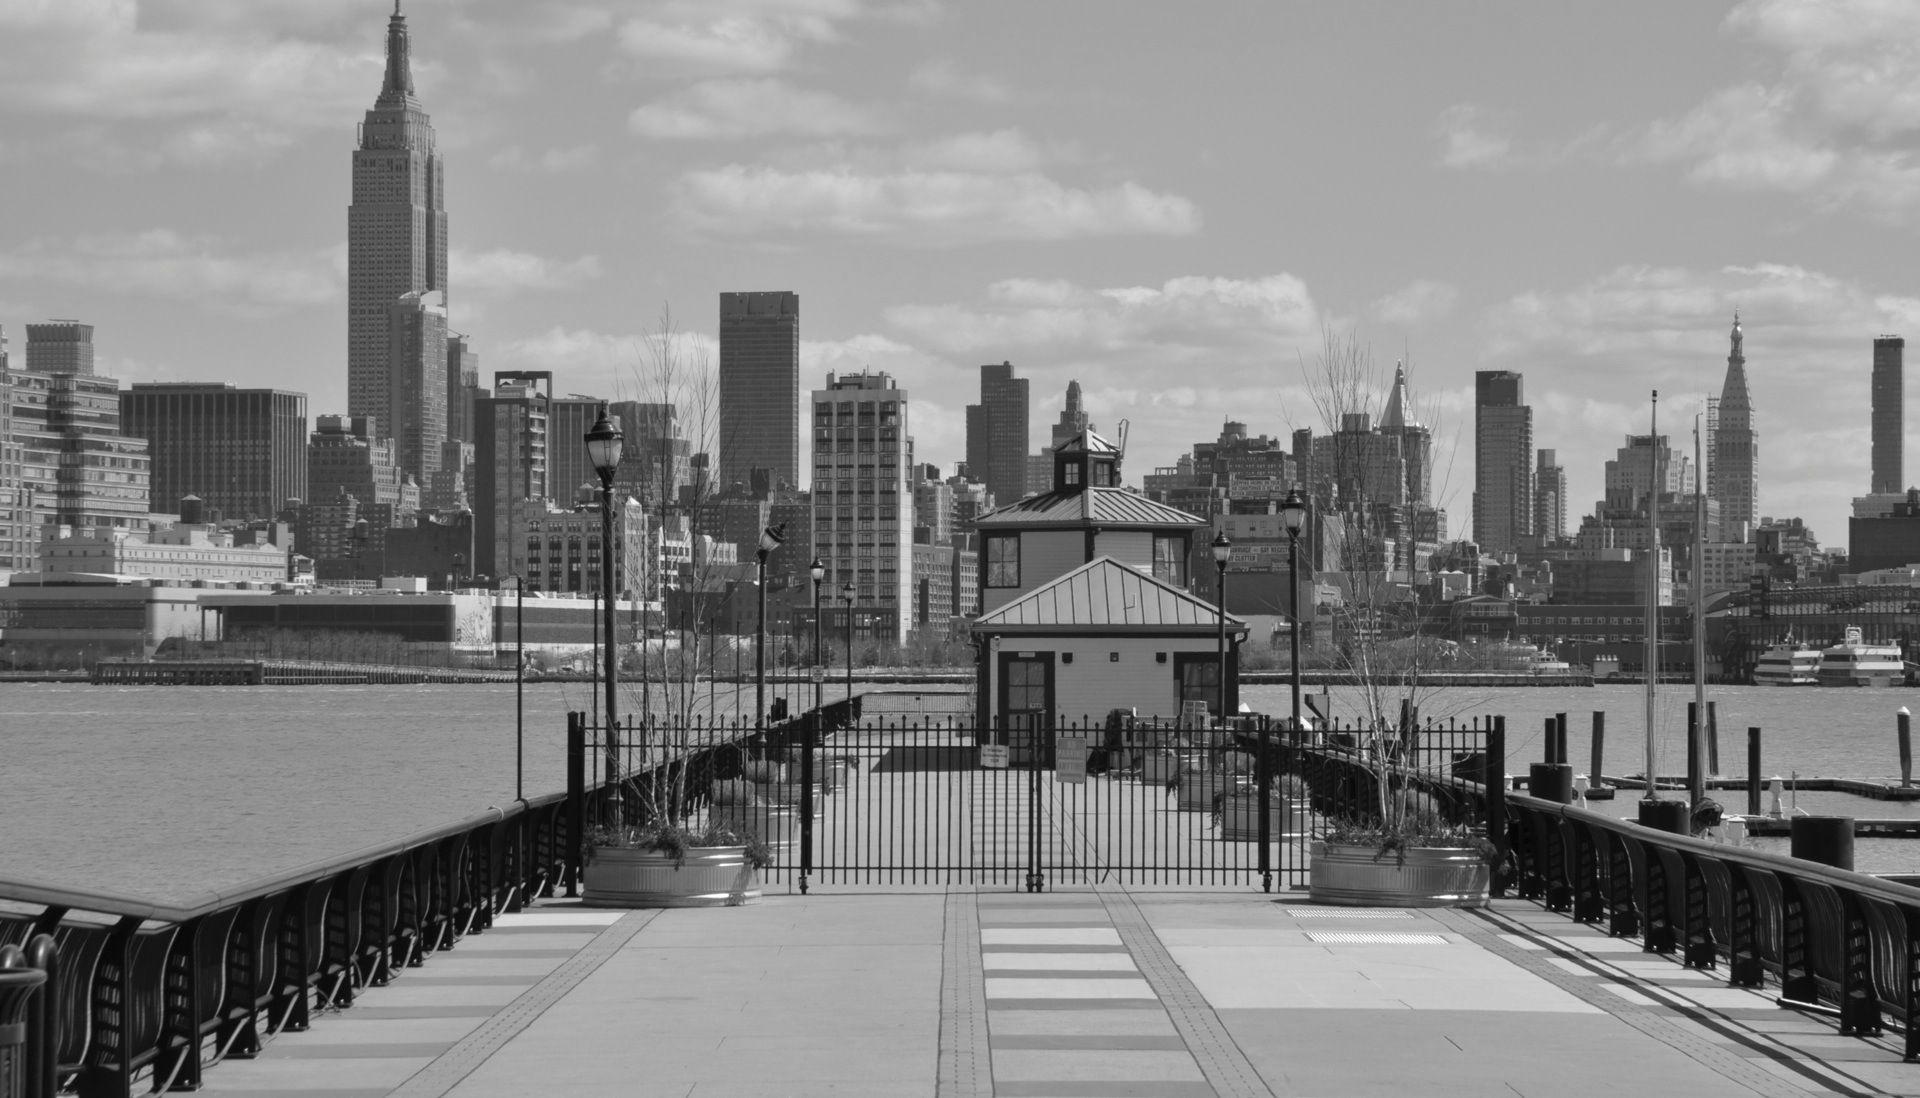 Hoboken Visitors Guide website | Hoboken apartment, Image ...